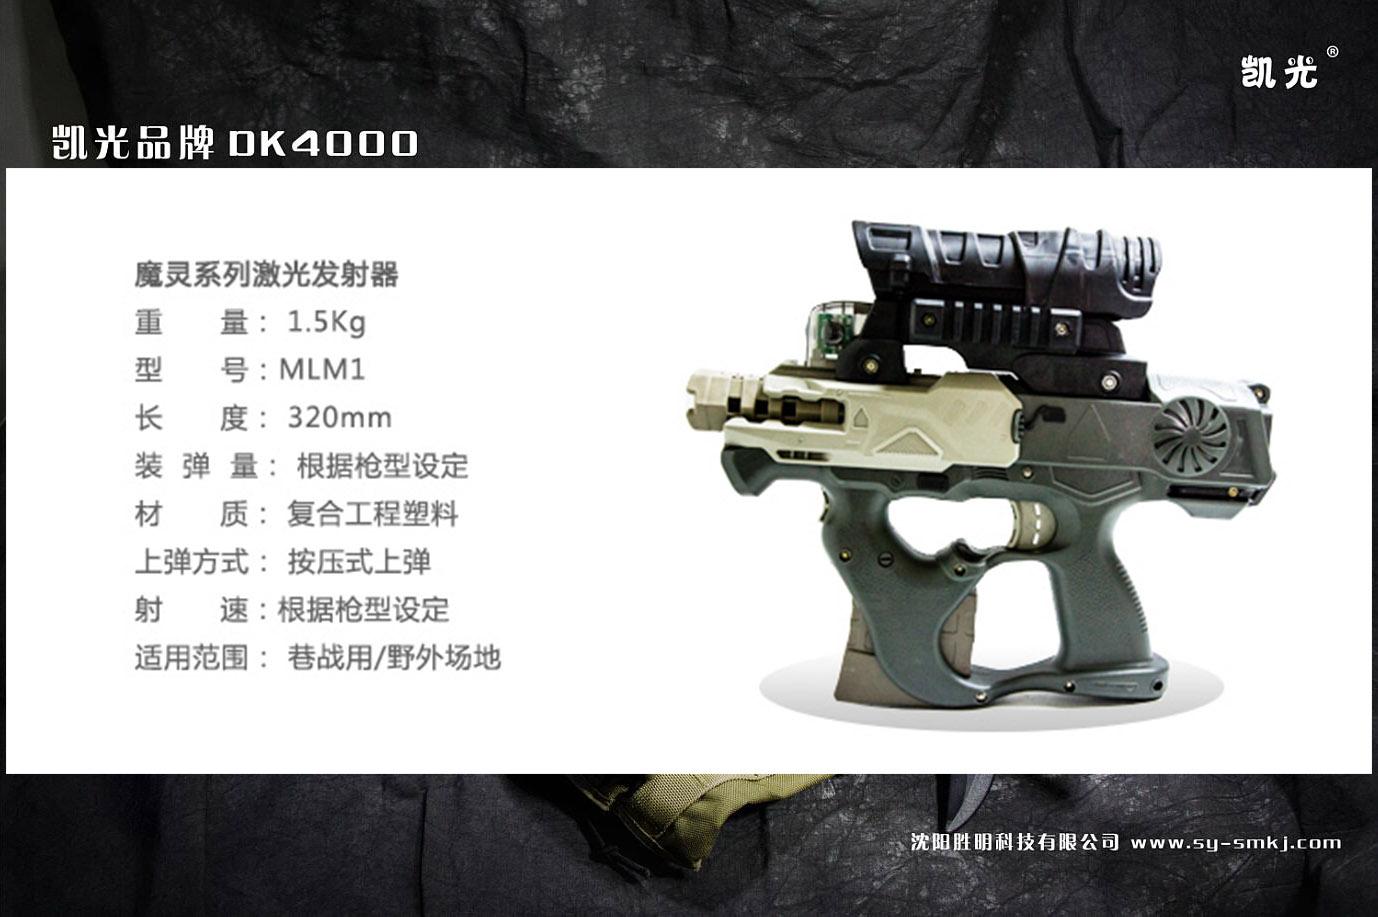 DK4000魔靈激光發射器